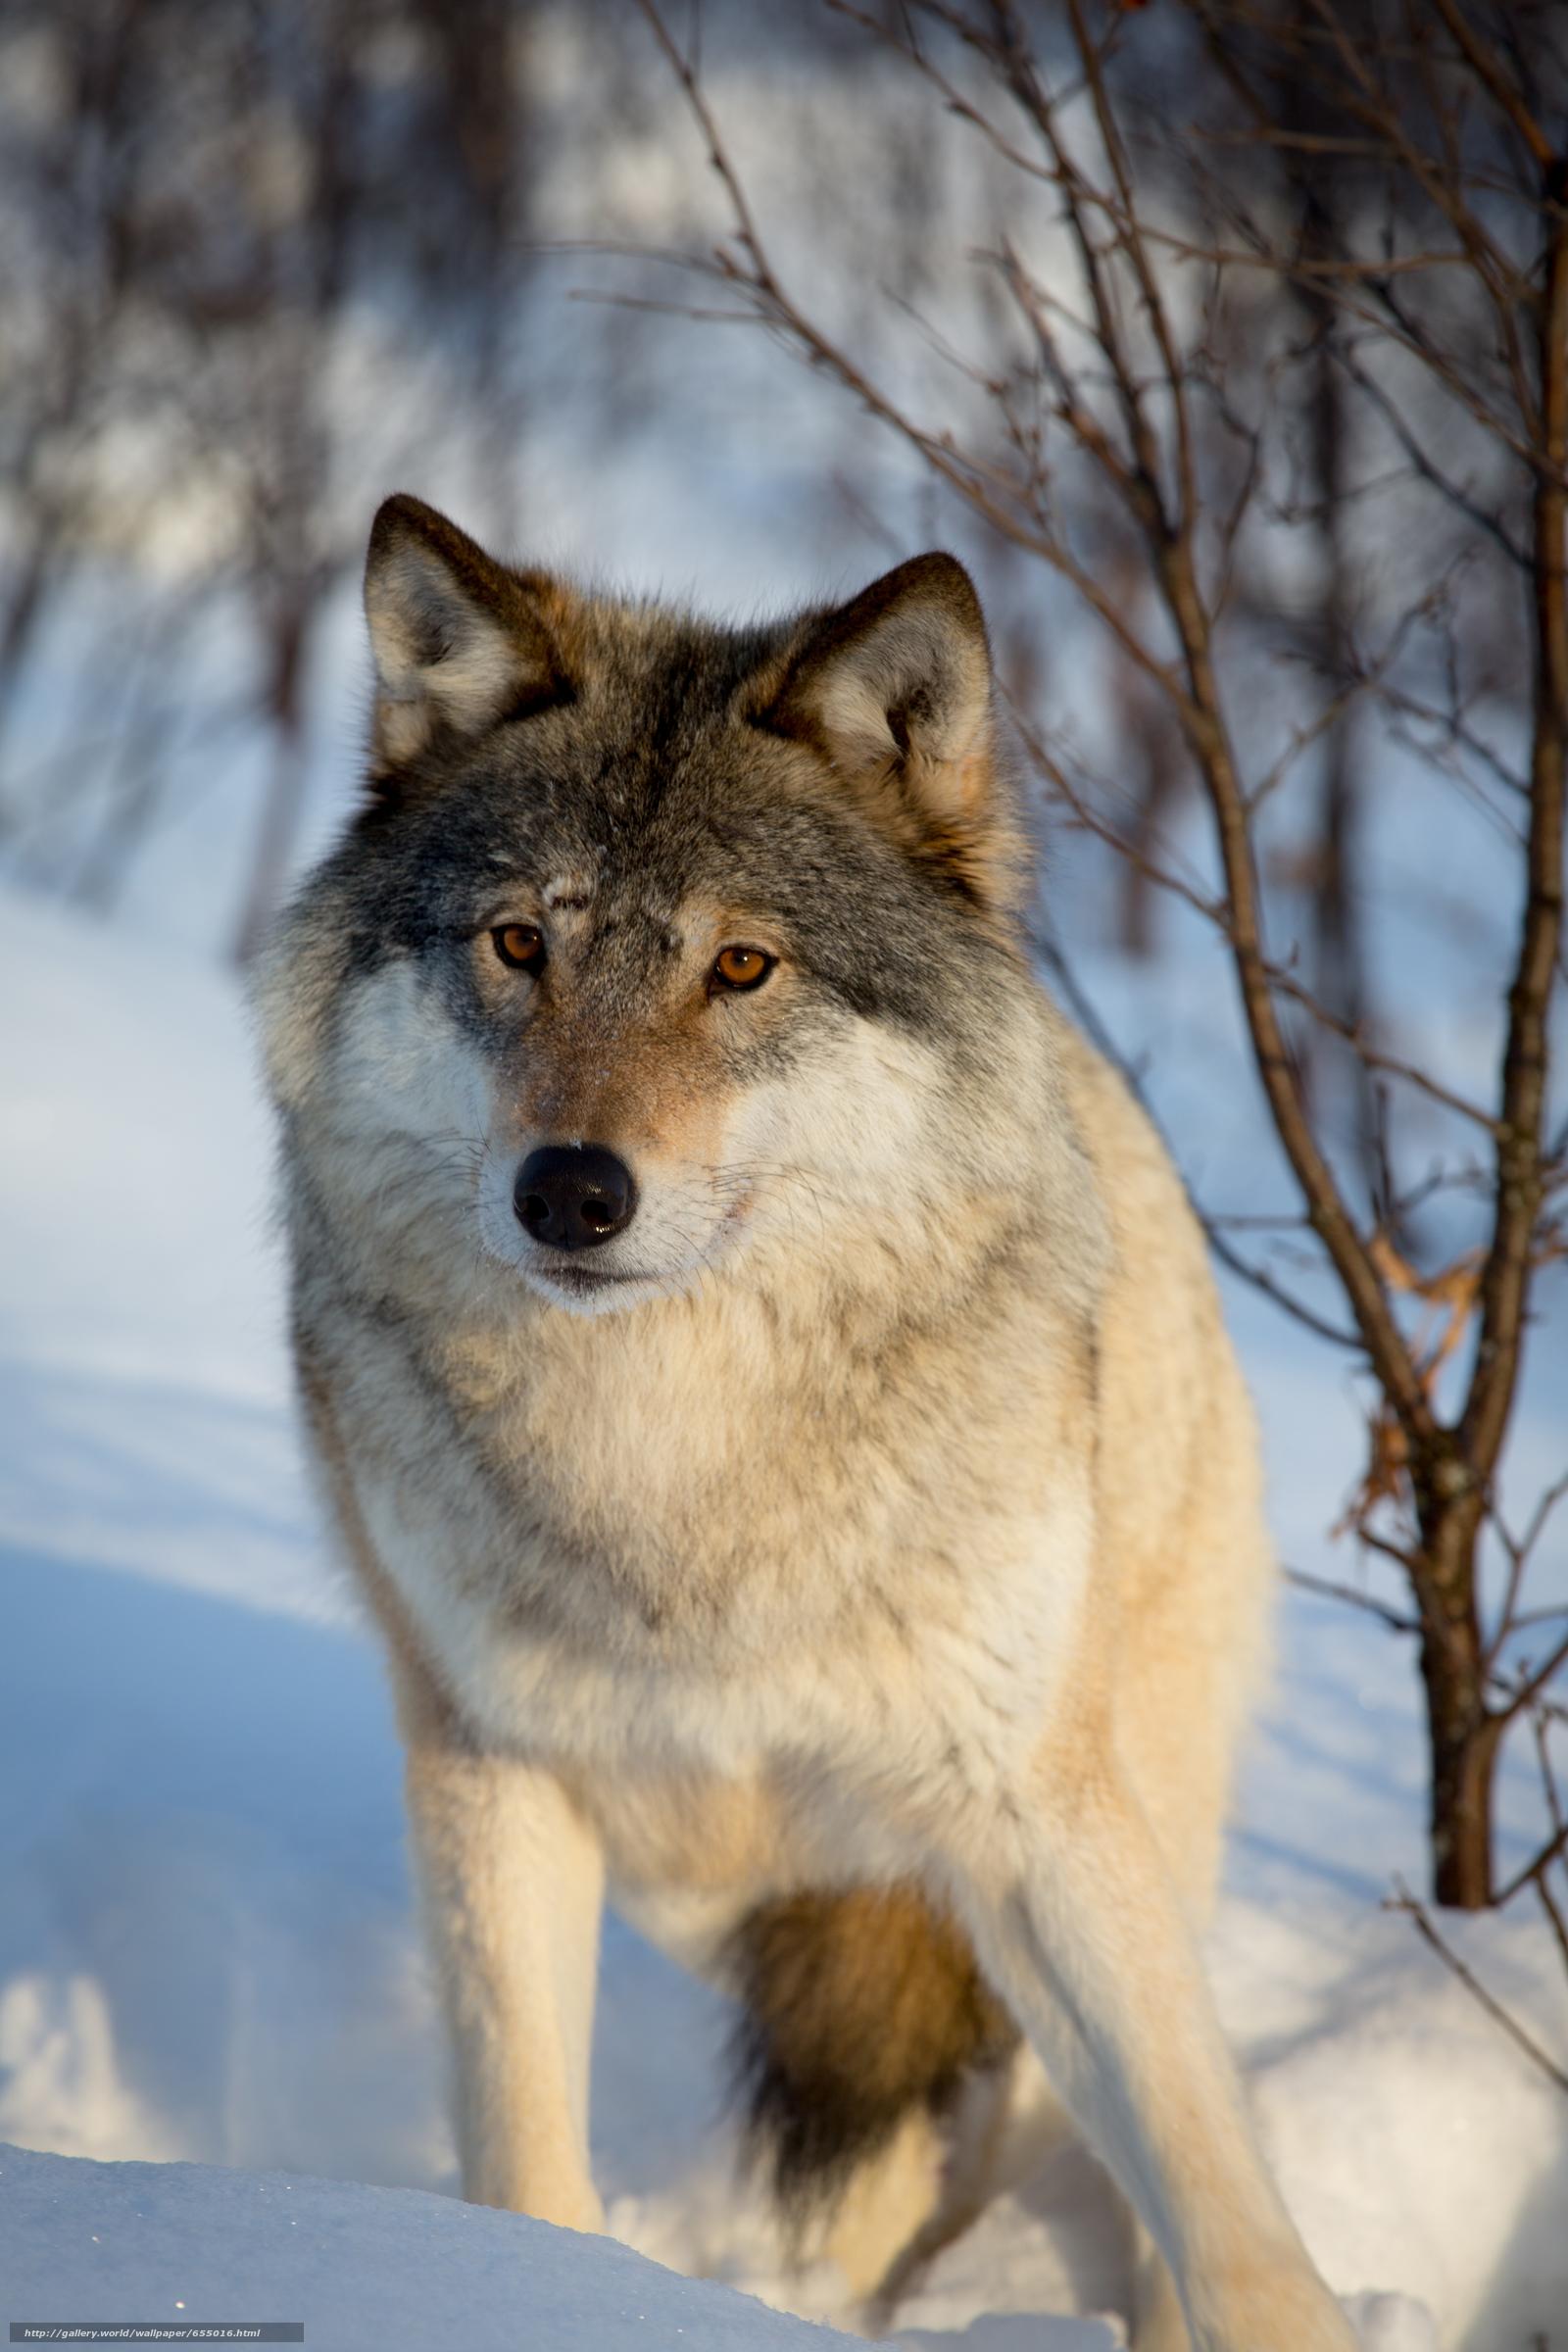 下载壁纸 狼, 狼队, 动物, 冬天 免费为您的桌面分辨率的壁纸 3840x57